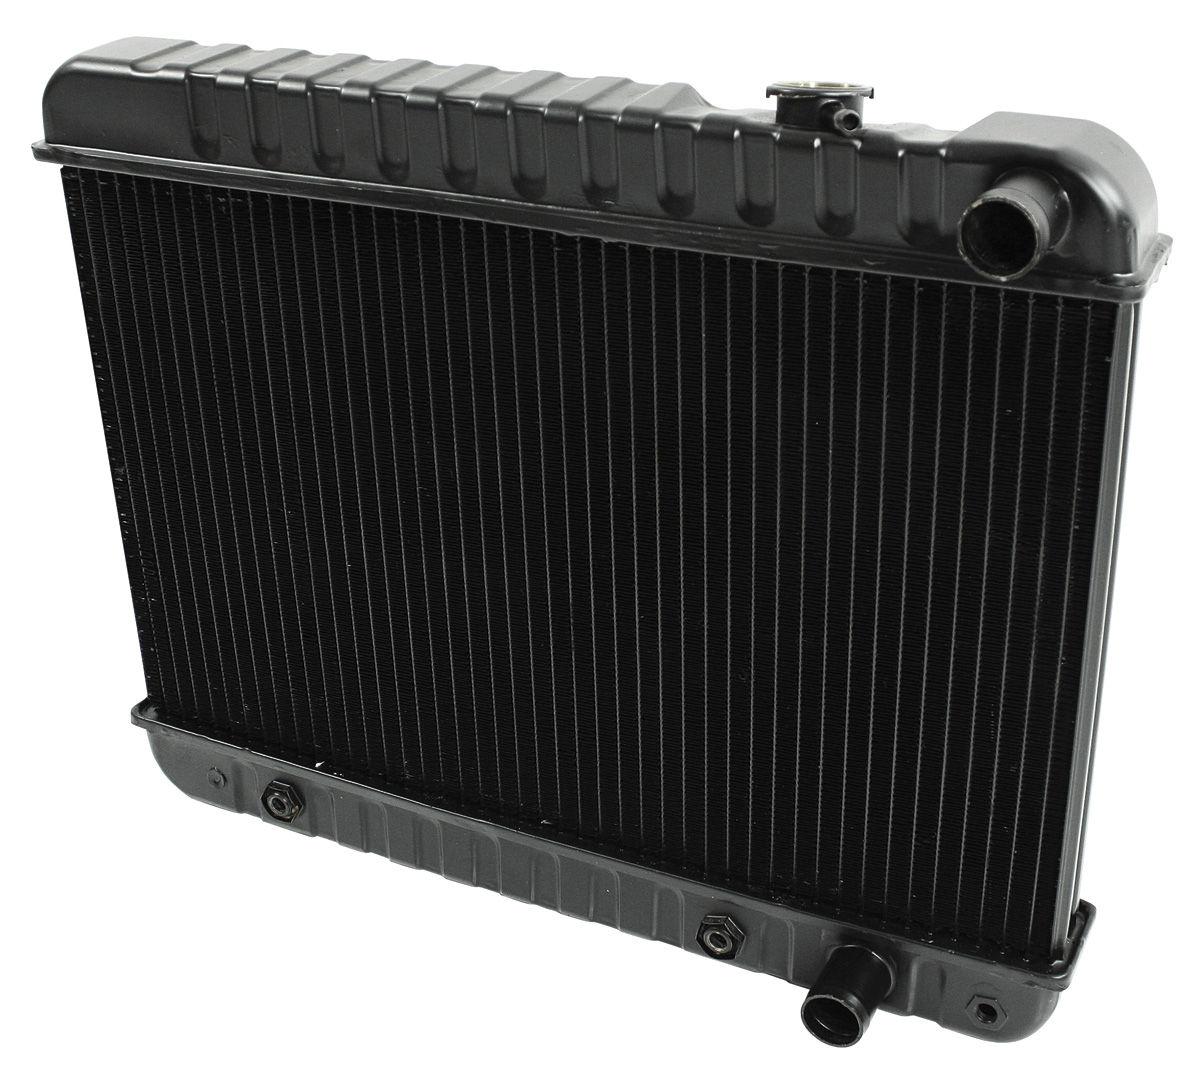 """Radiator, 1964 Skylark, 225 6-Cyl., Automatic, 2-Row, 15-1/2"""" X 18-5/8"""" X 1-1/4"""""""